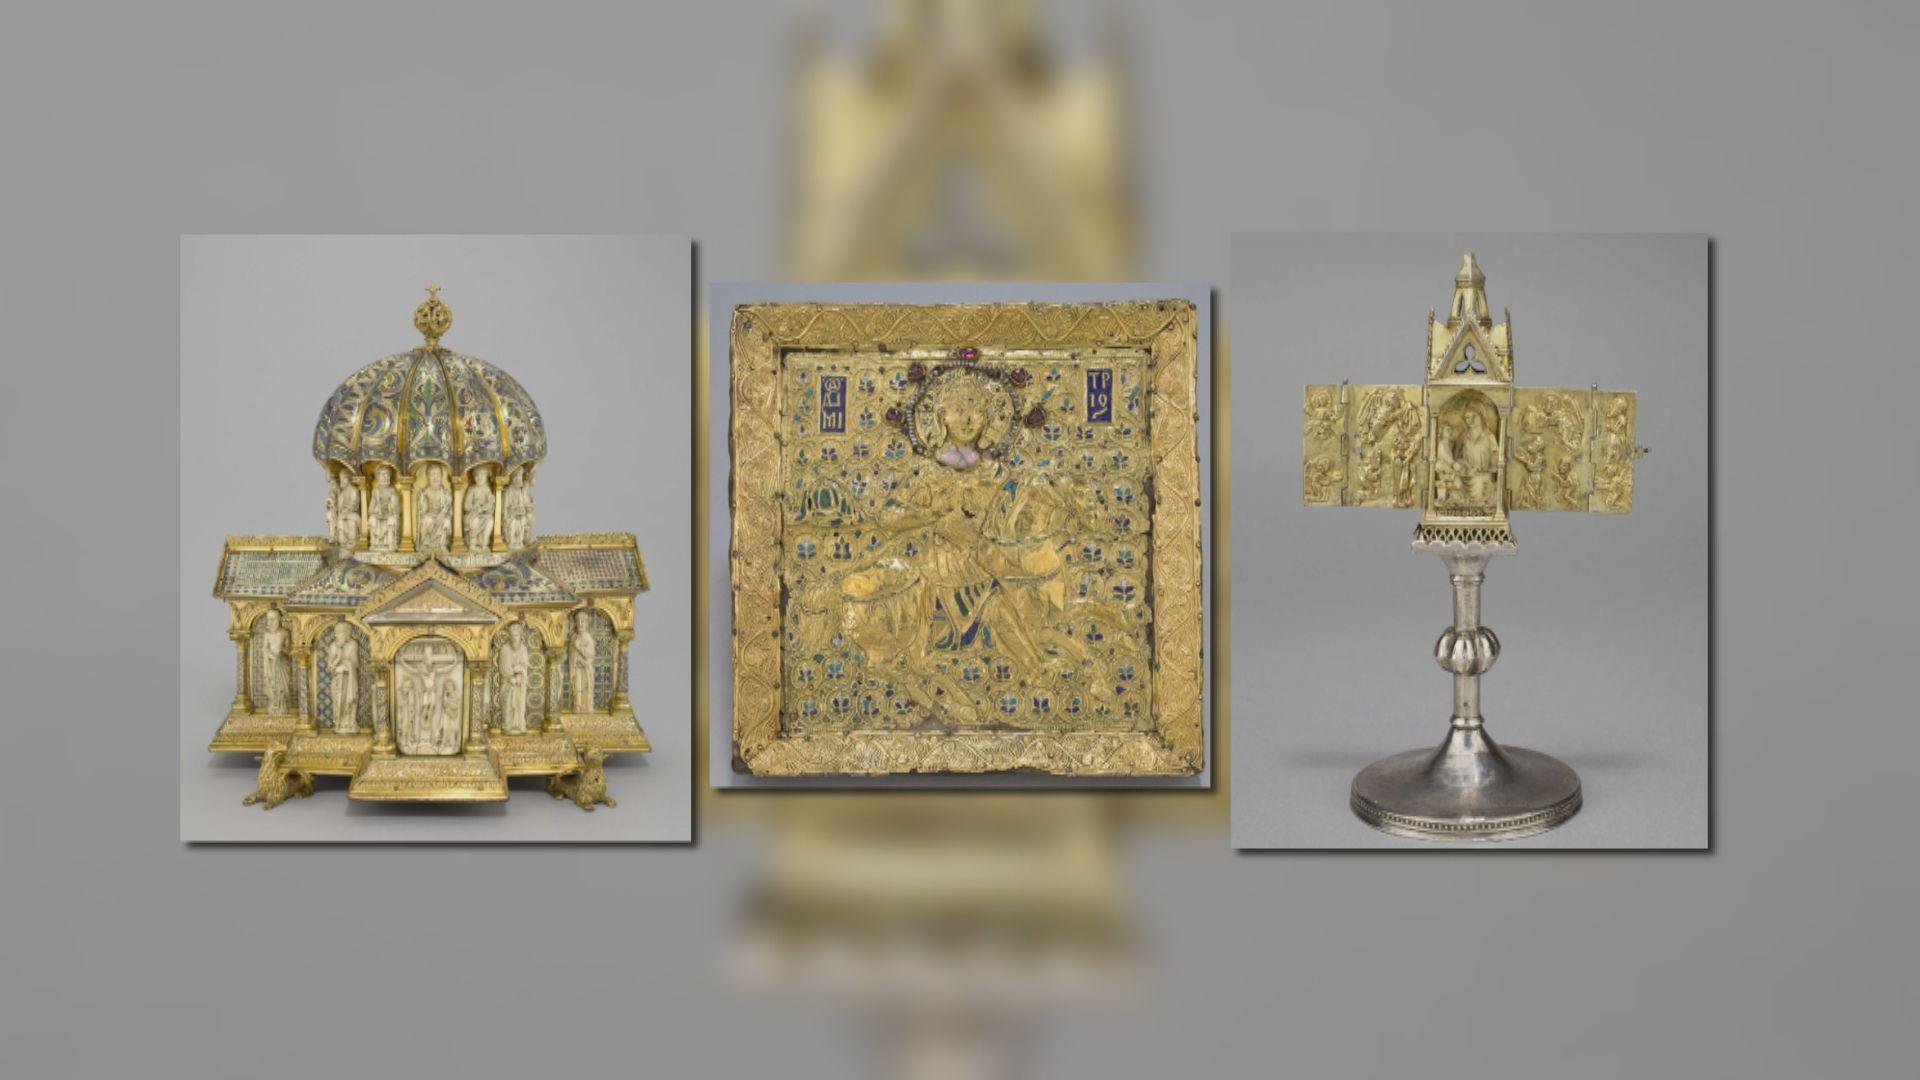 德國納粹時期藝術品交易 美國法院是否有權審理惹爭議